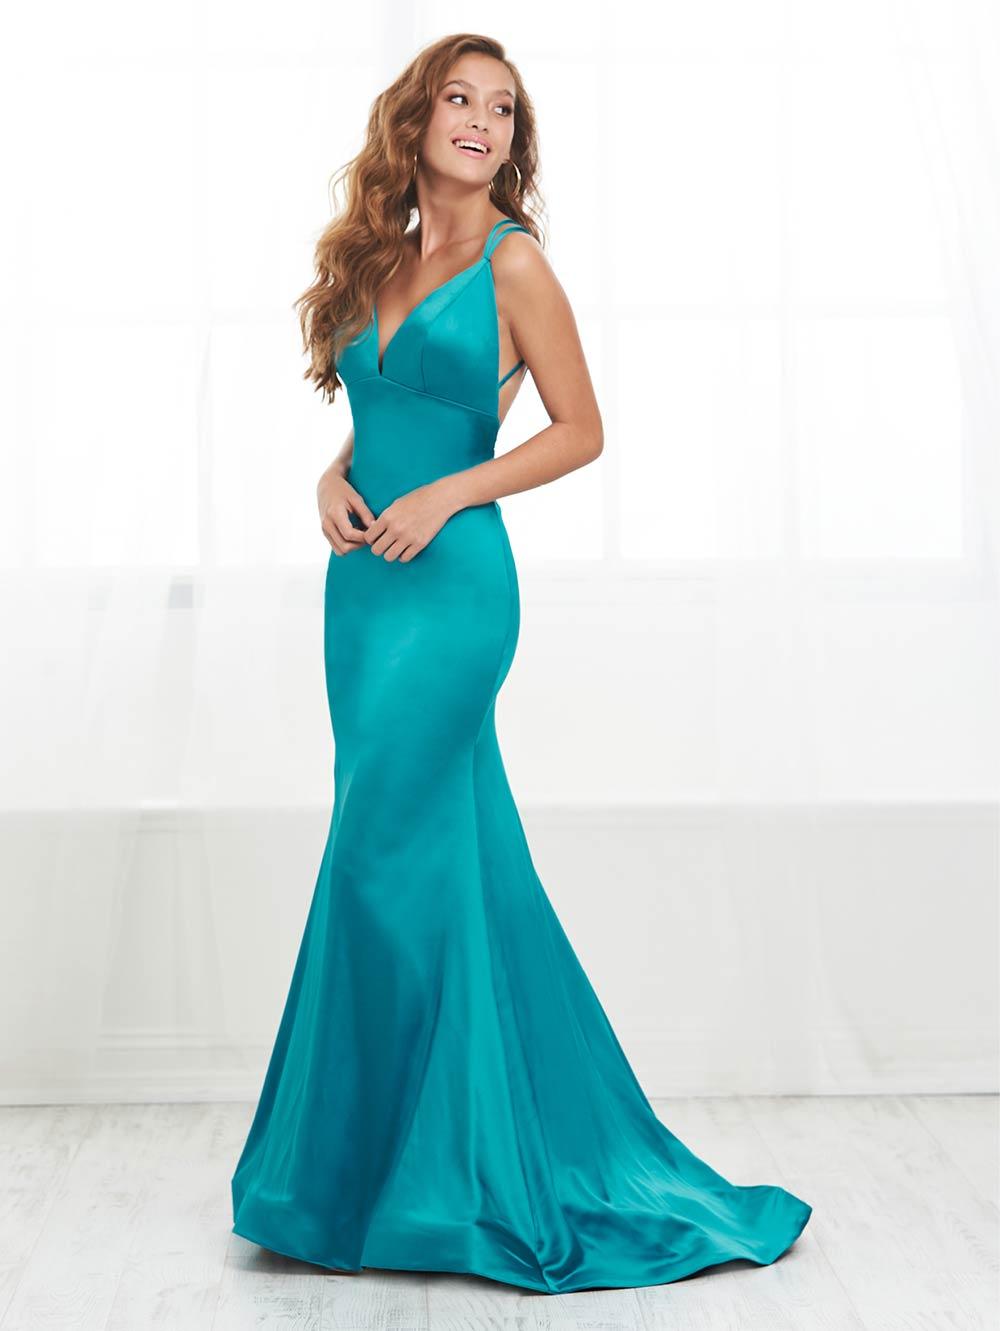 prom-dresses-jacquelin-bridals-canada-27661